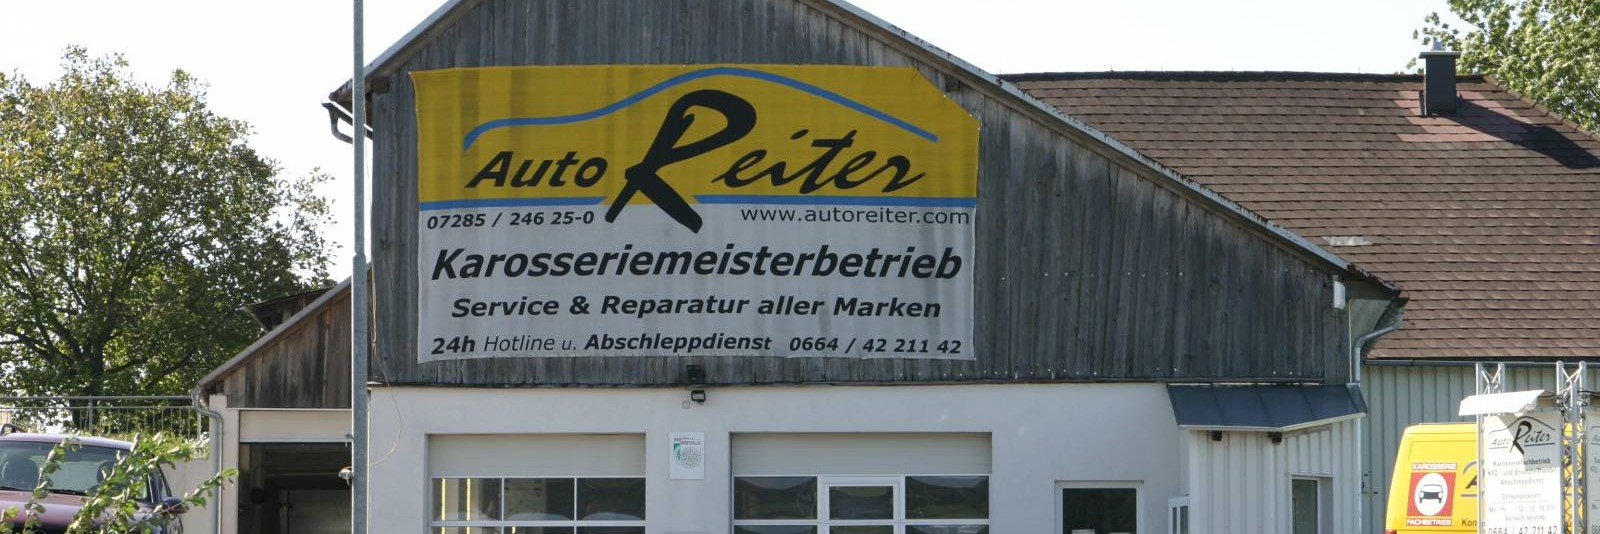 Standort Pfarrkirchen